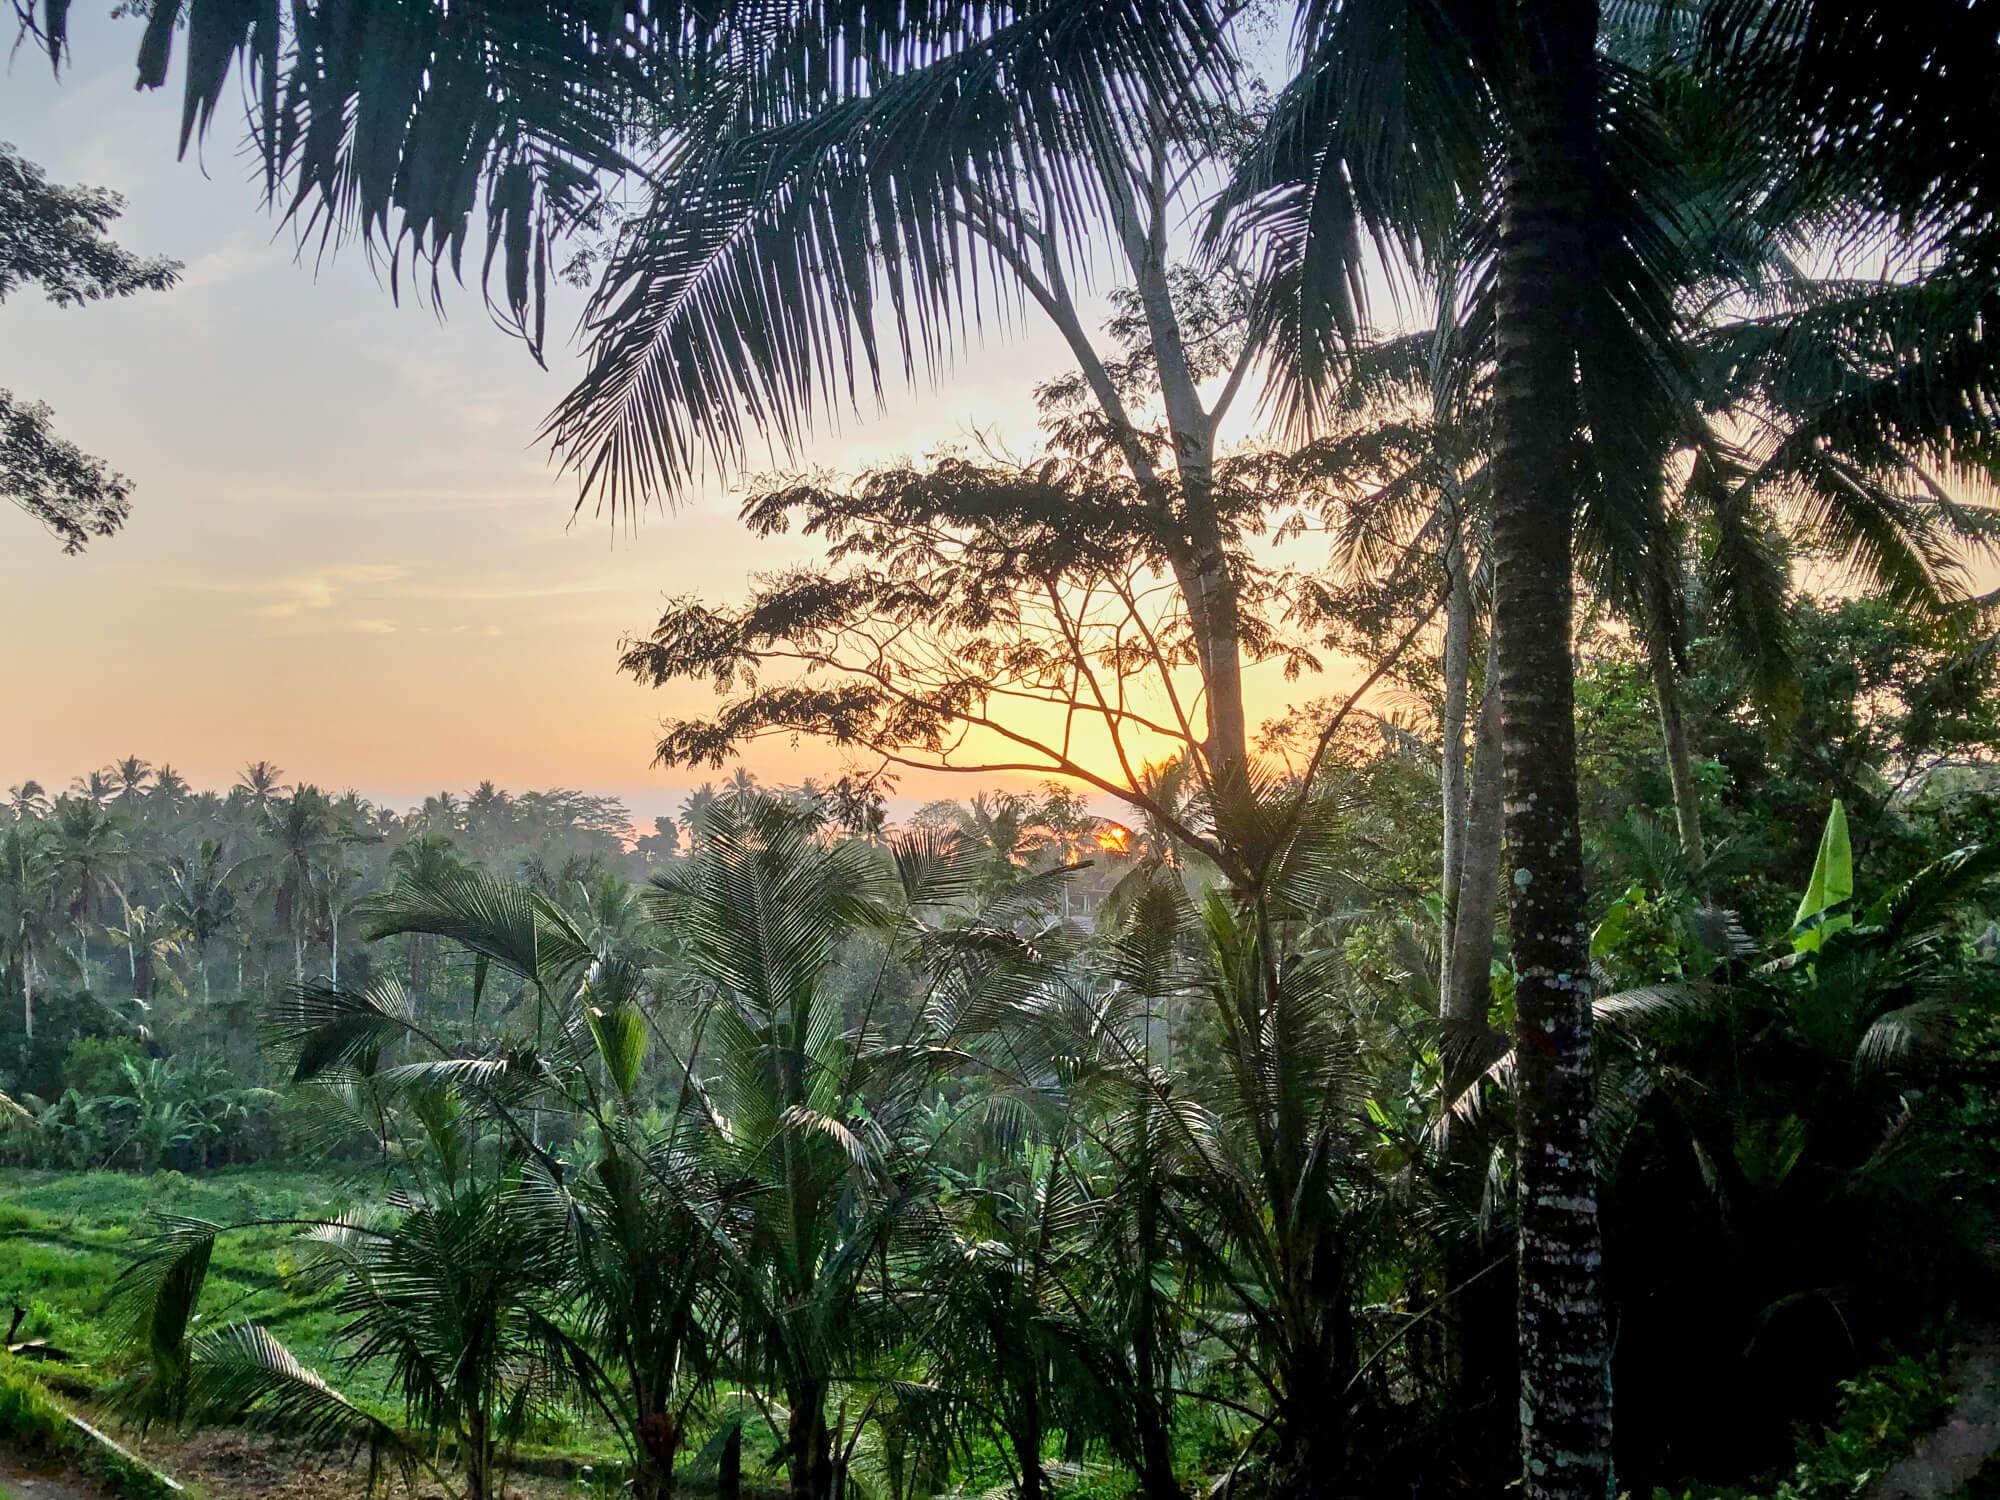 15,5 unvergessliche Genussmomente auf Bali, die du auch erleben solltest